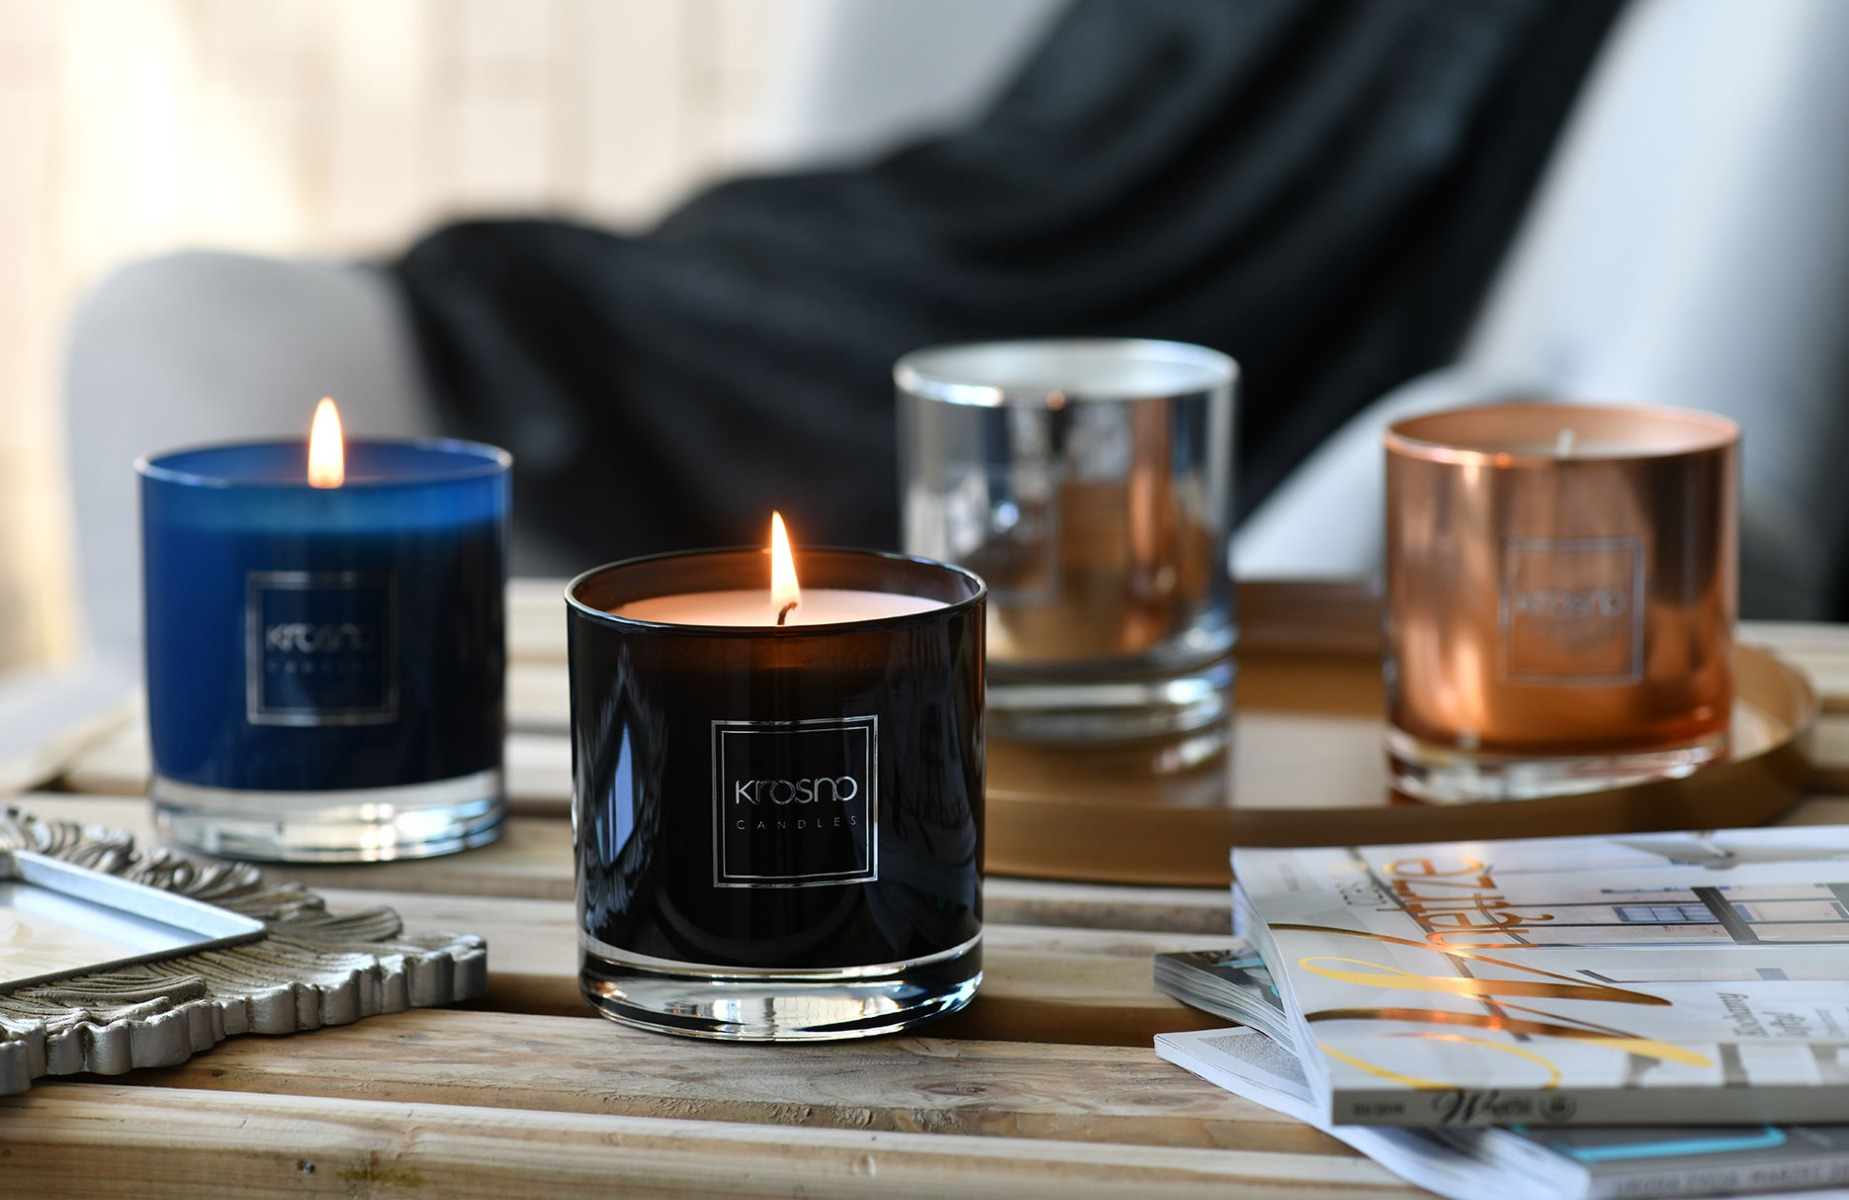 Świece zapachowe KROSNO Candles